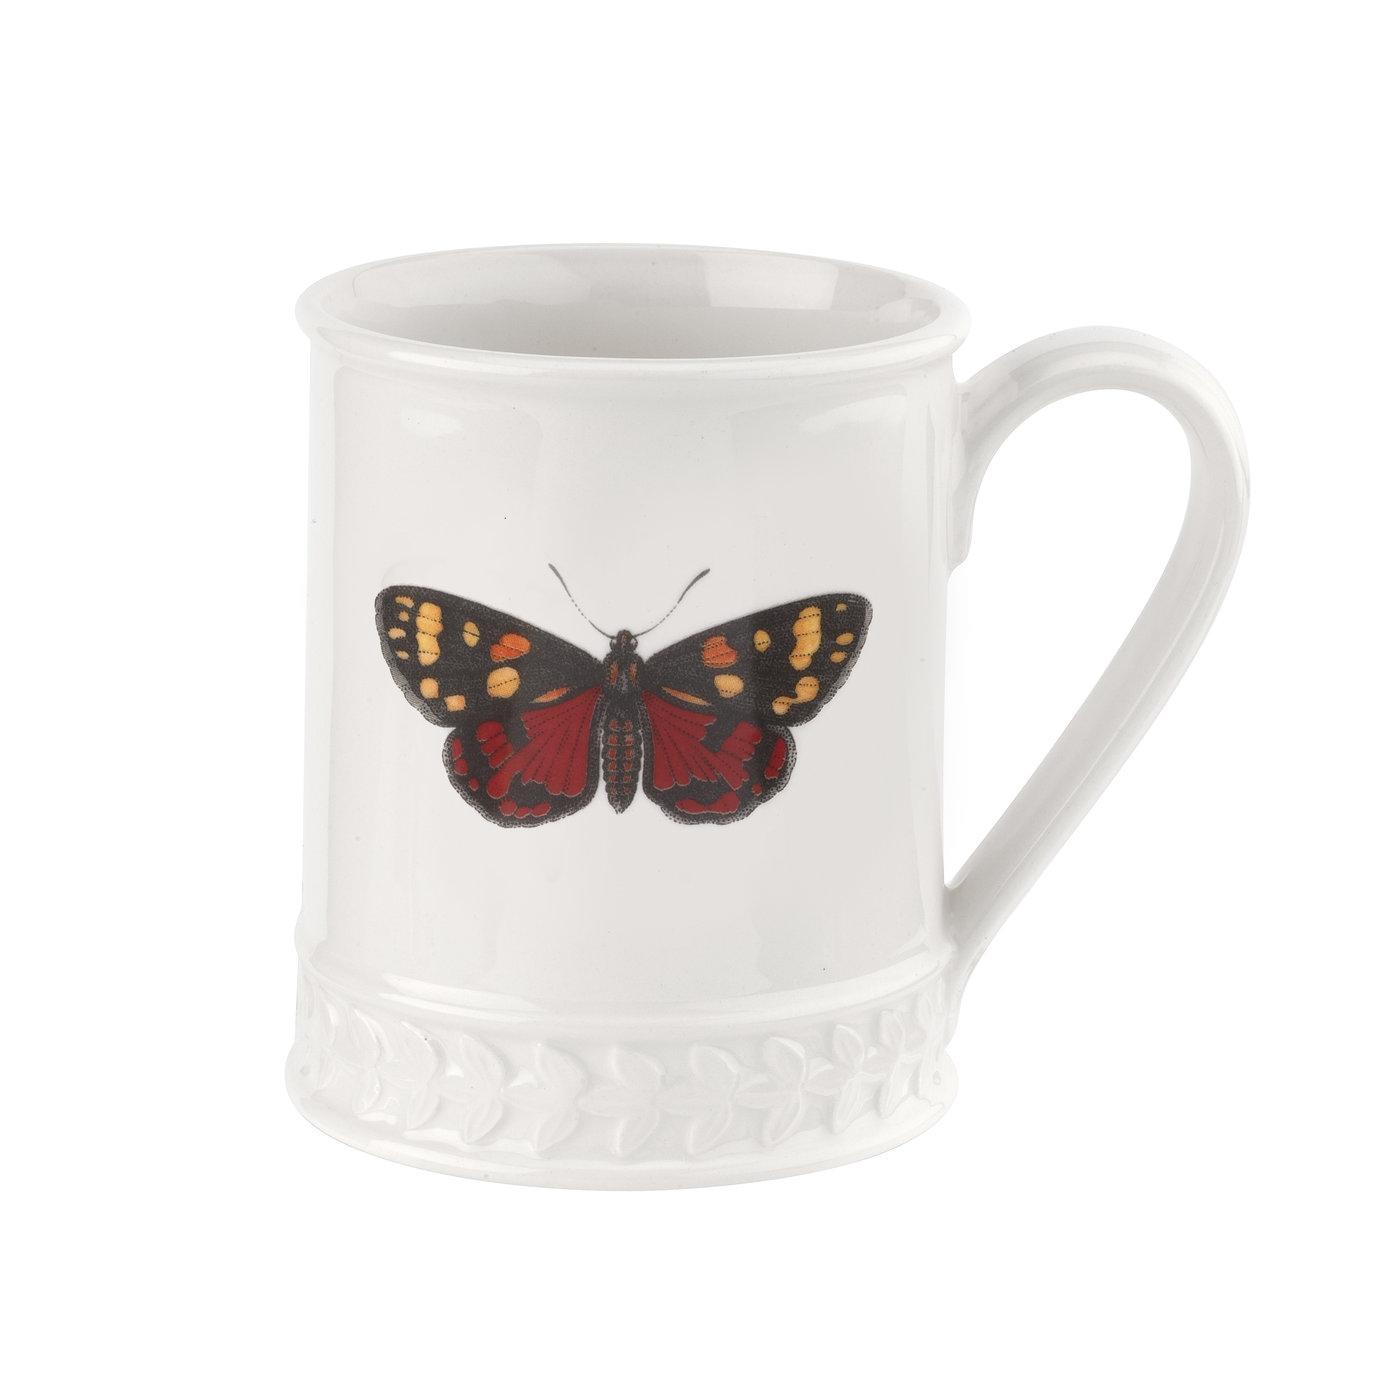 포트메리온 '보타닉 가든 하모니' 나비 머그 Portmeirion Botanic Garden Harmony Embossed 16 oz Tankard-Scarlet Butterfly